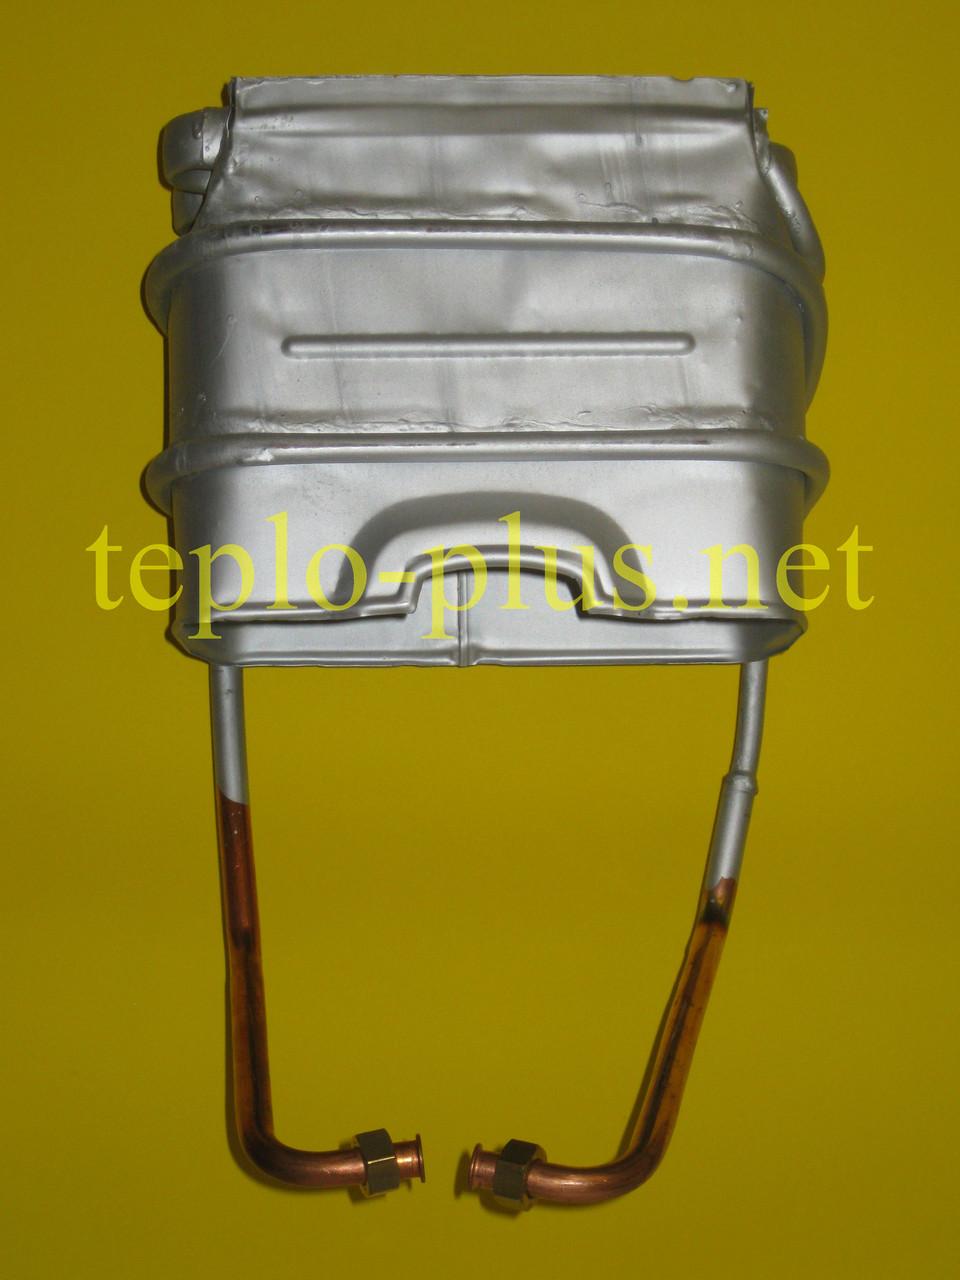 Купить теплообменник beretta в киеве теплообменник охлаждения вода